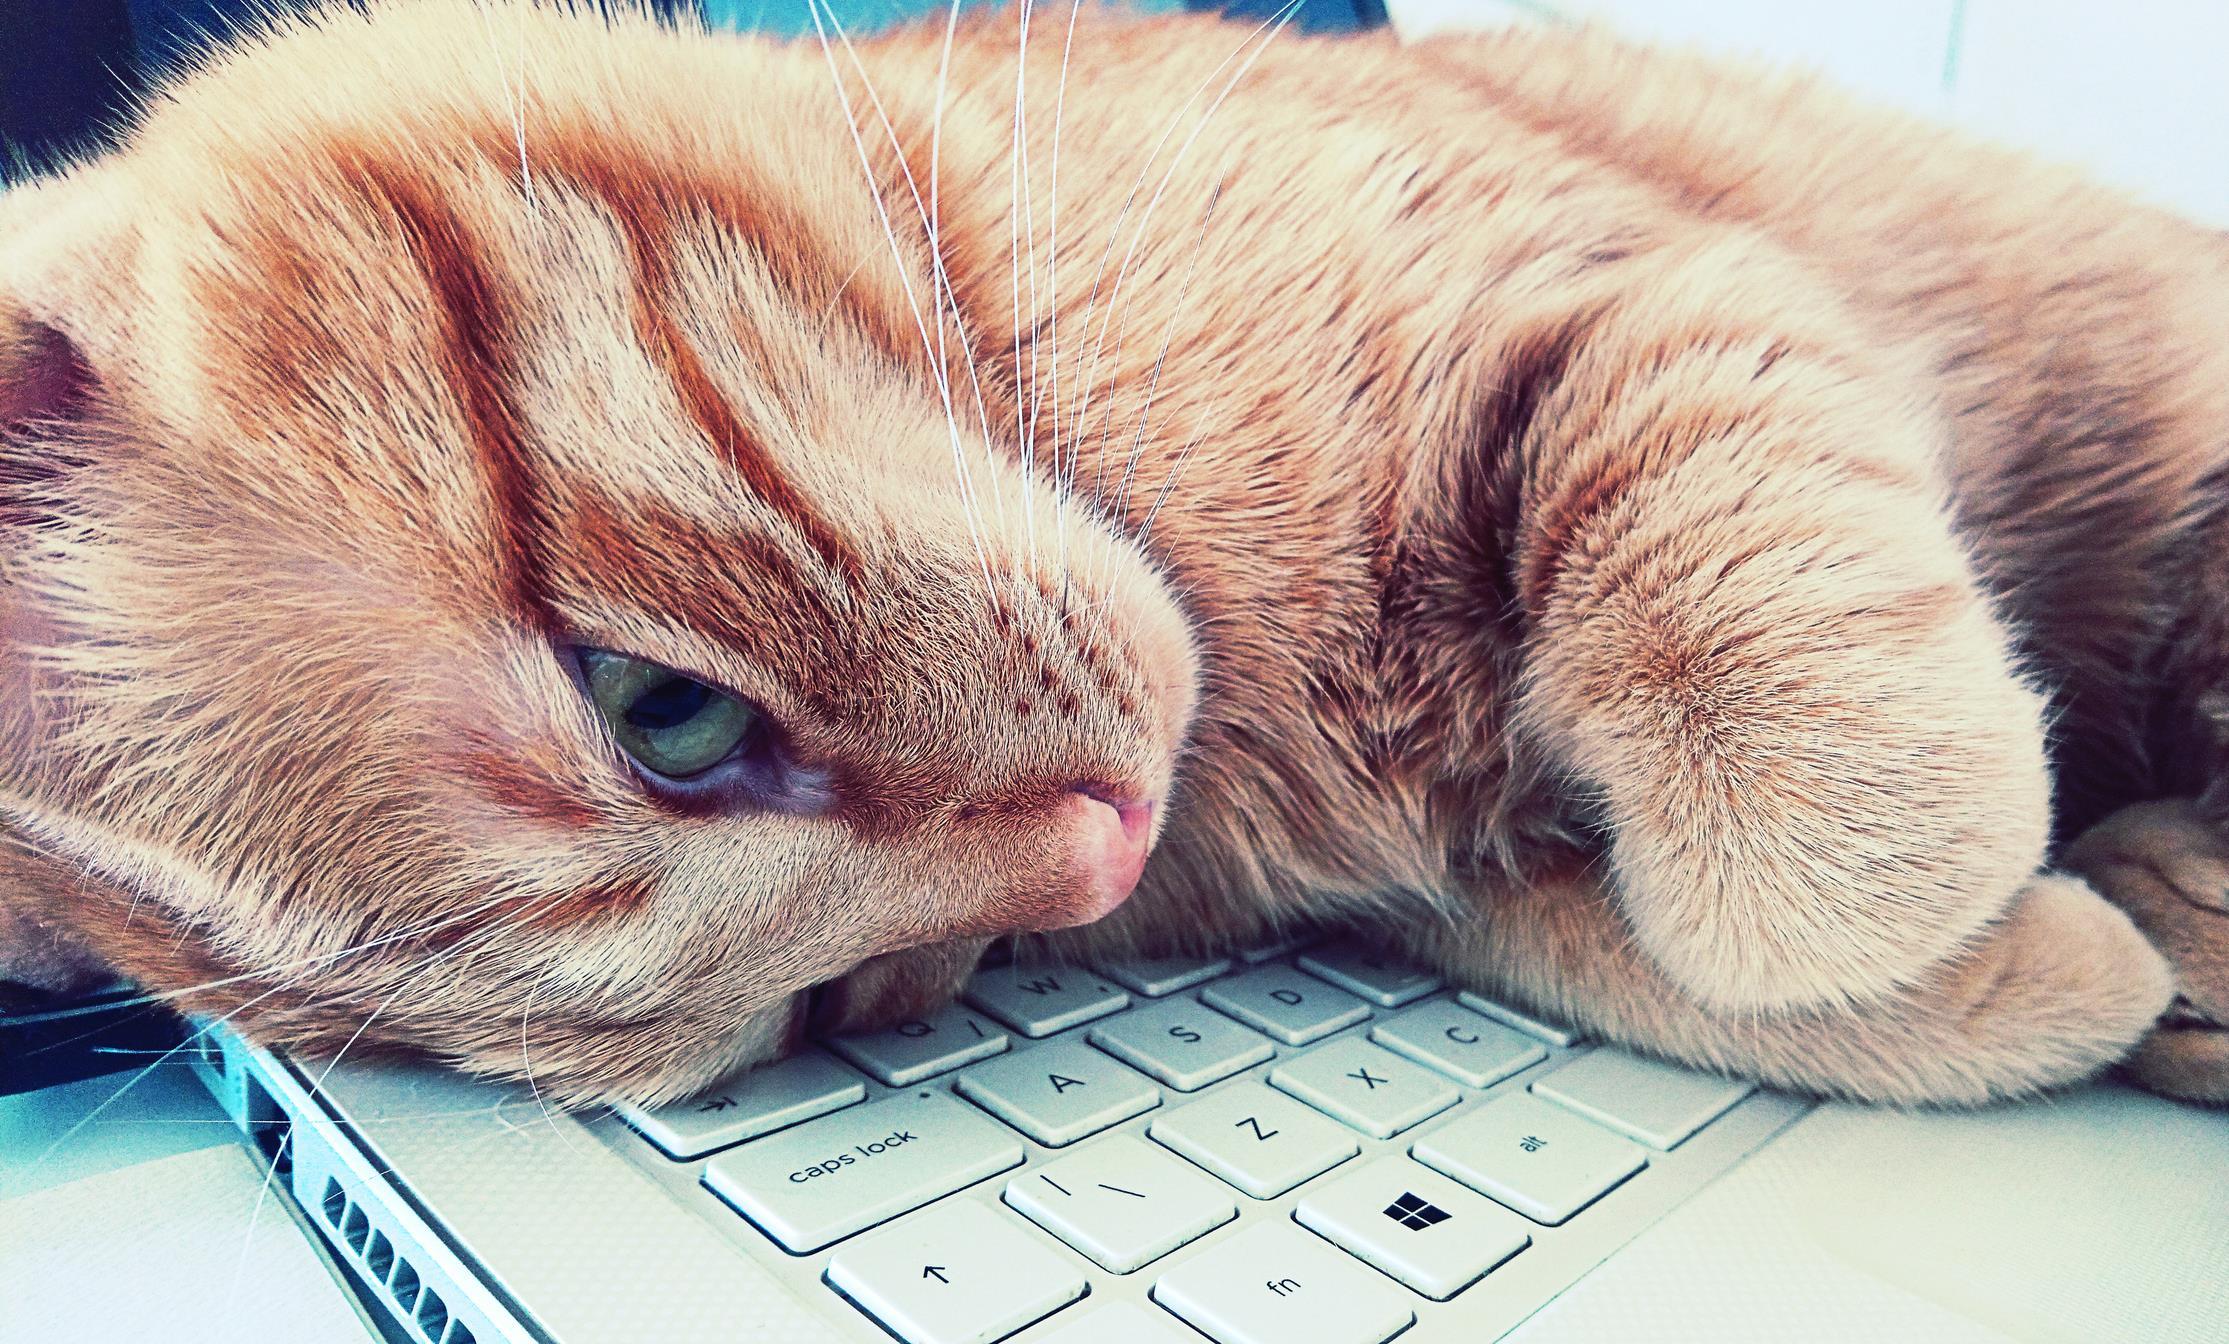 Gattino sdraiato un PC